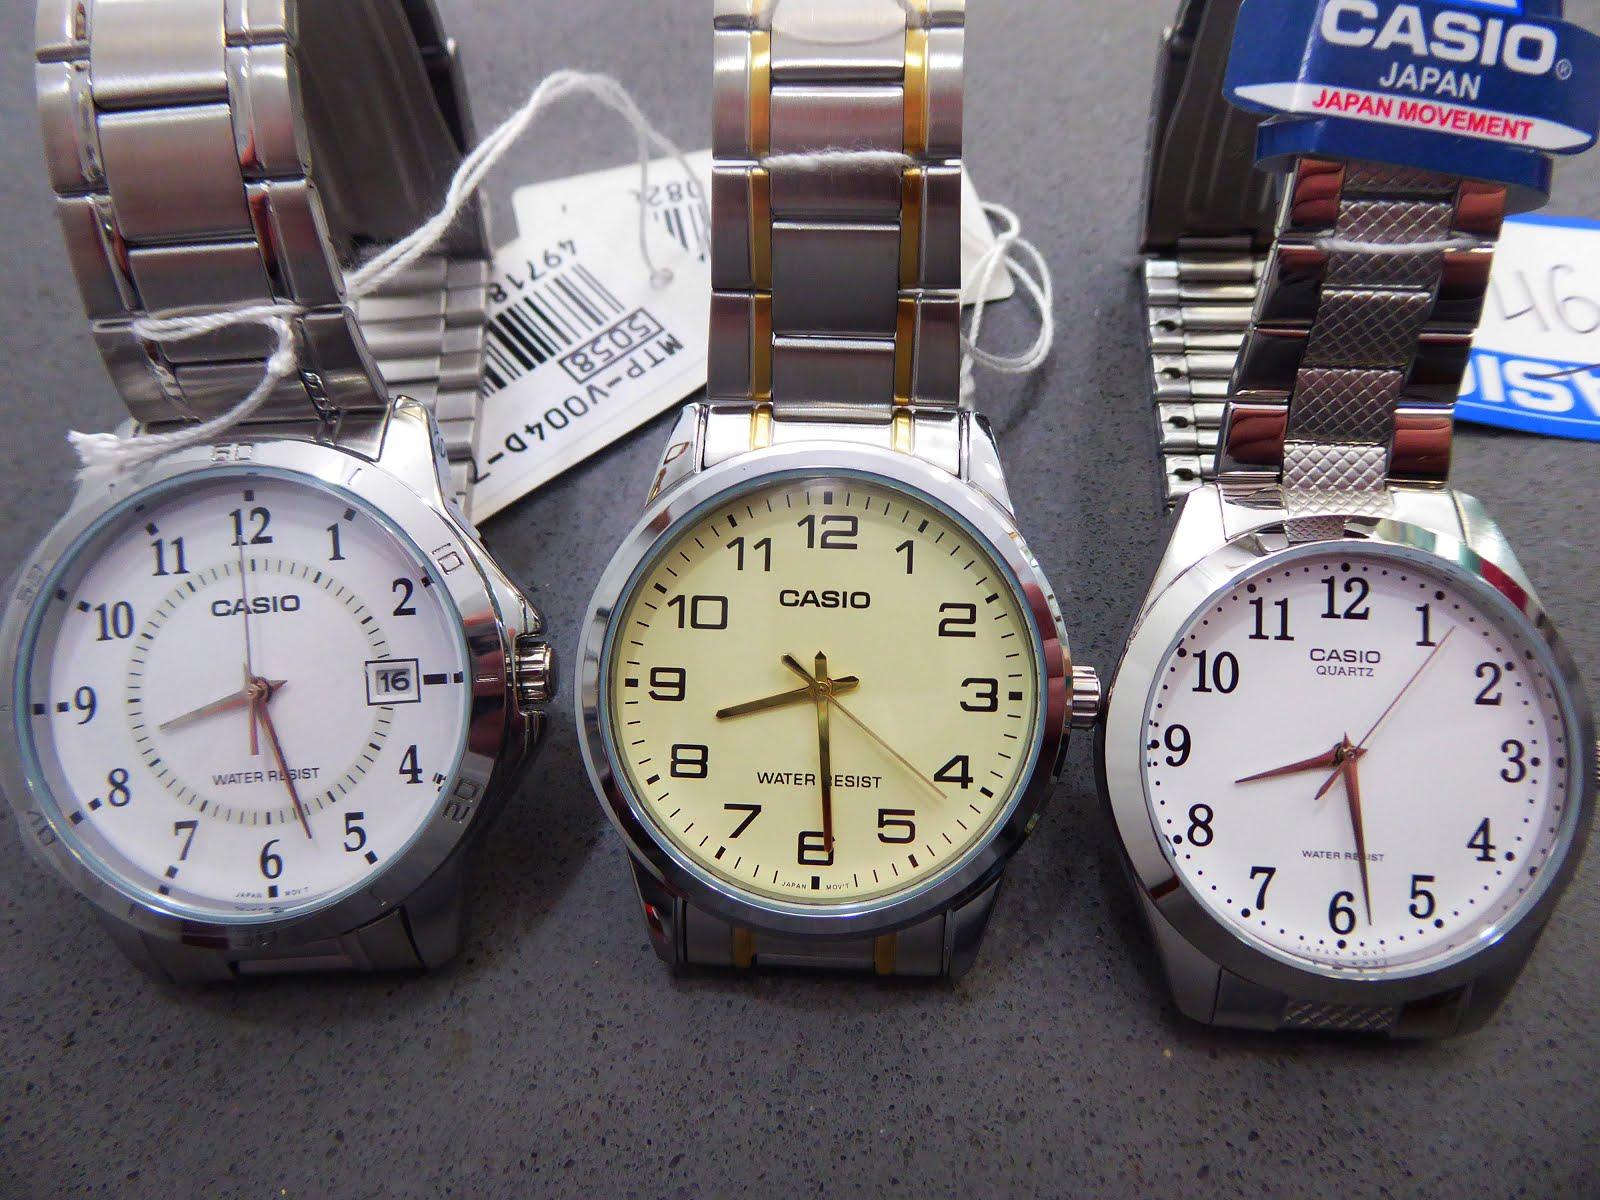 Relojes Casio, con múmeros grandes y pulseras de acero